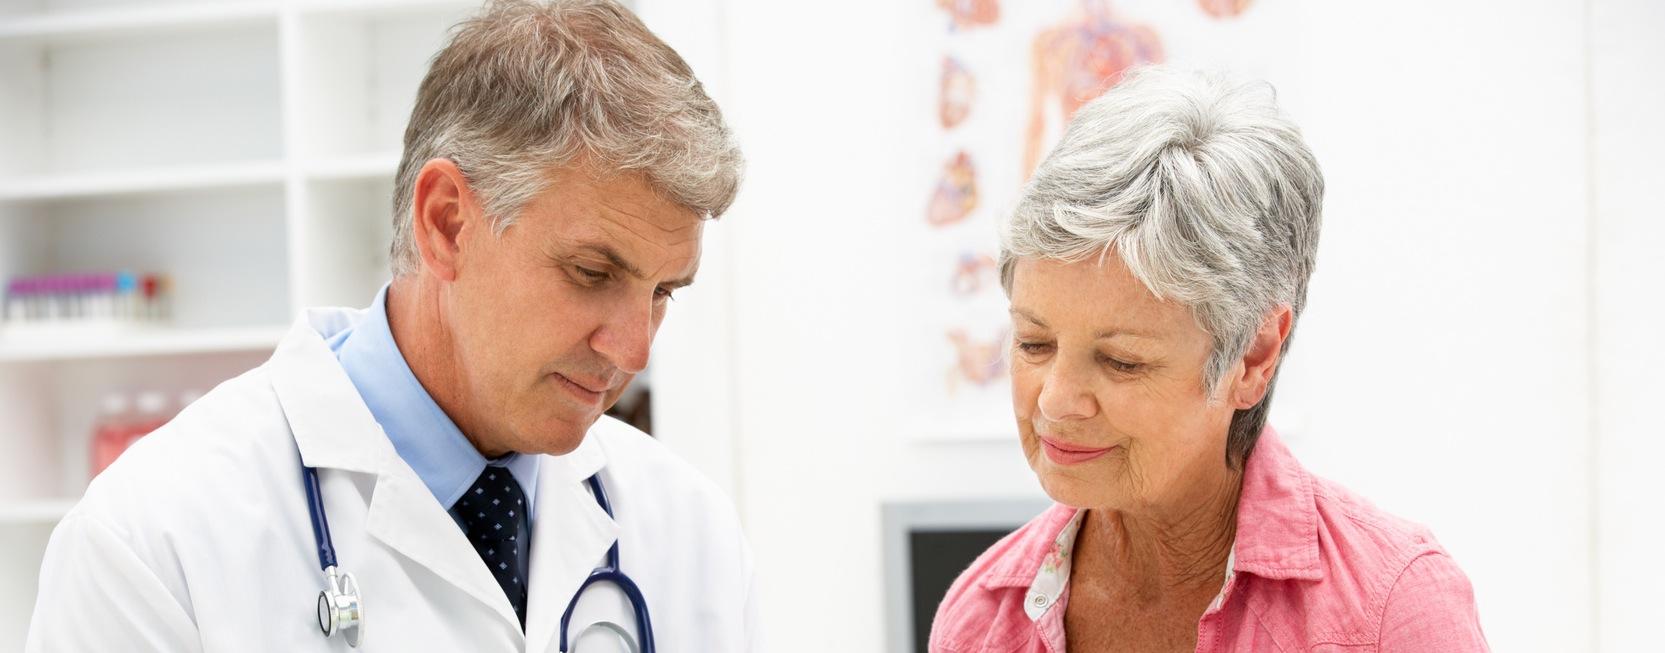 Диагностика остеопении и ее лечение в клинике «Эндокрин медикал»